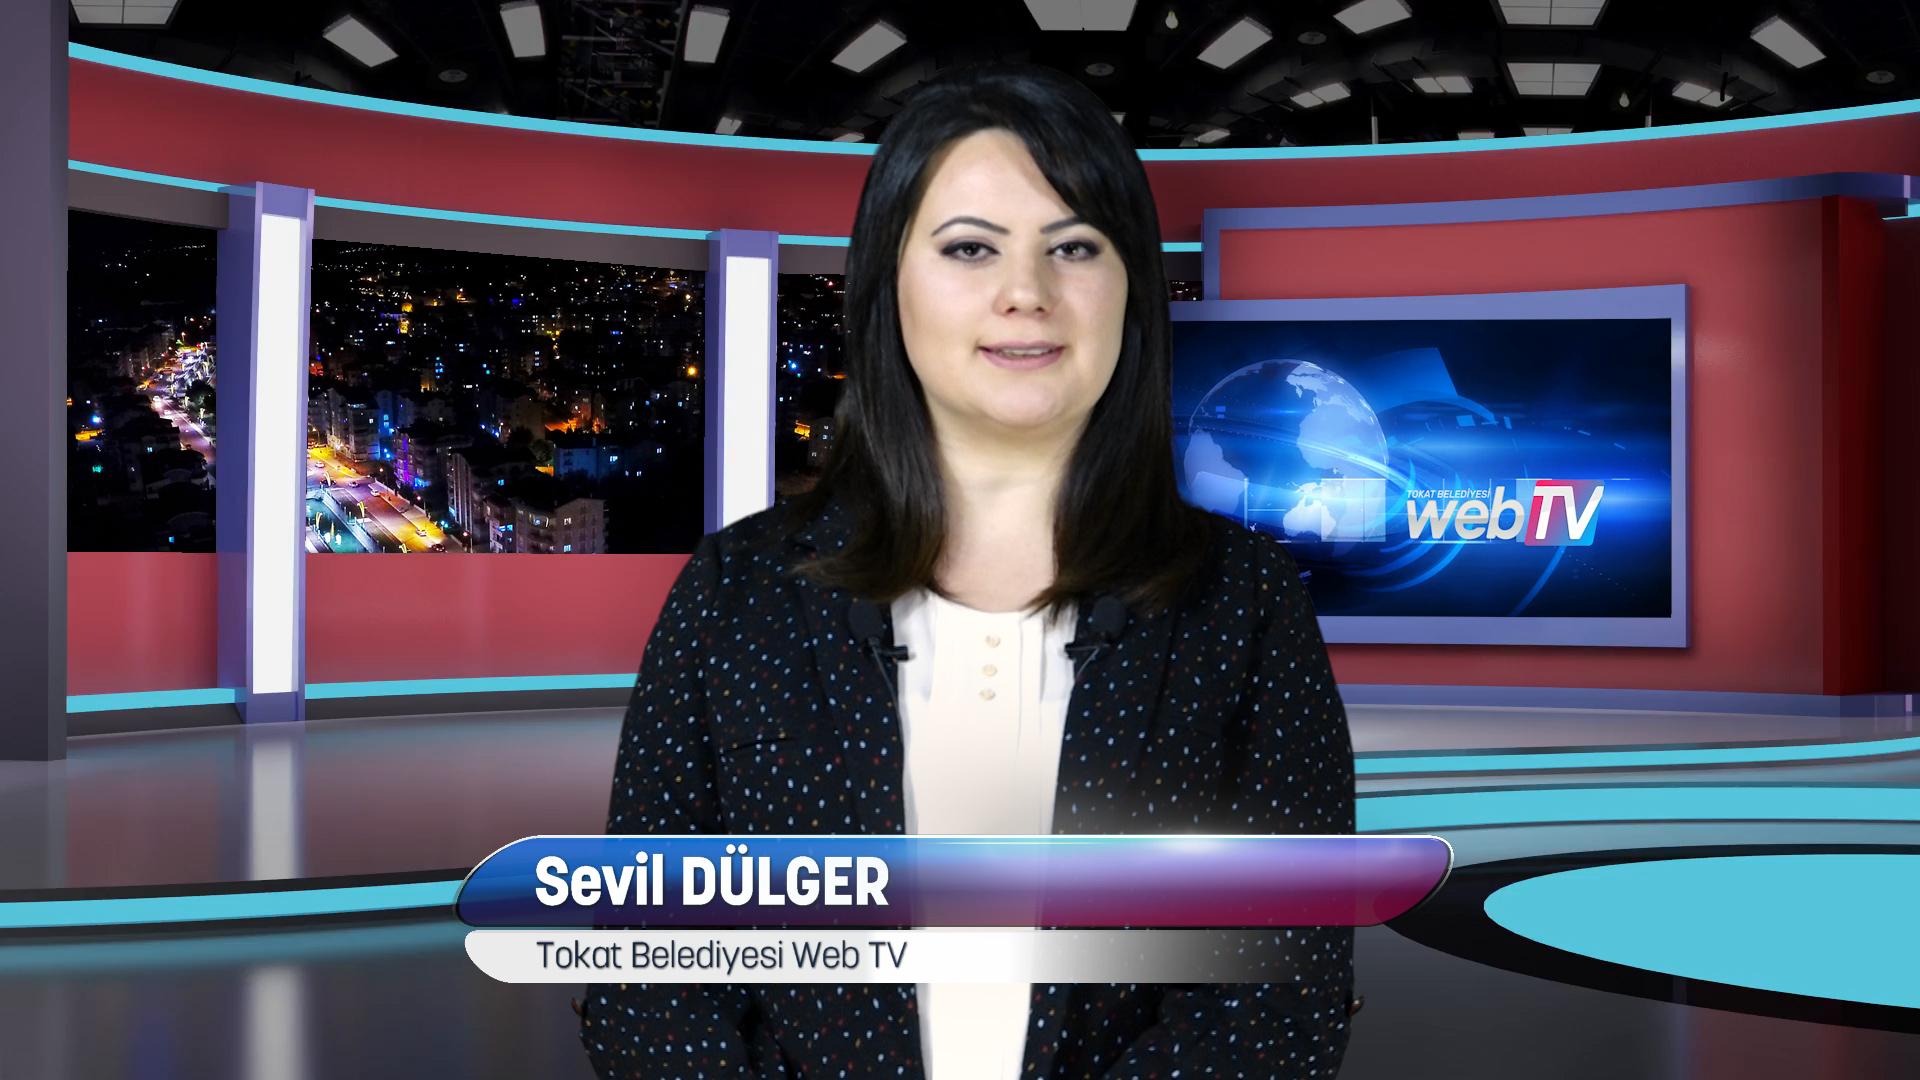 Tokat Belediyesi Web TV Haber Bülteni  - 27 Şubat